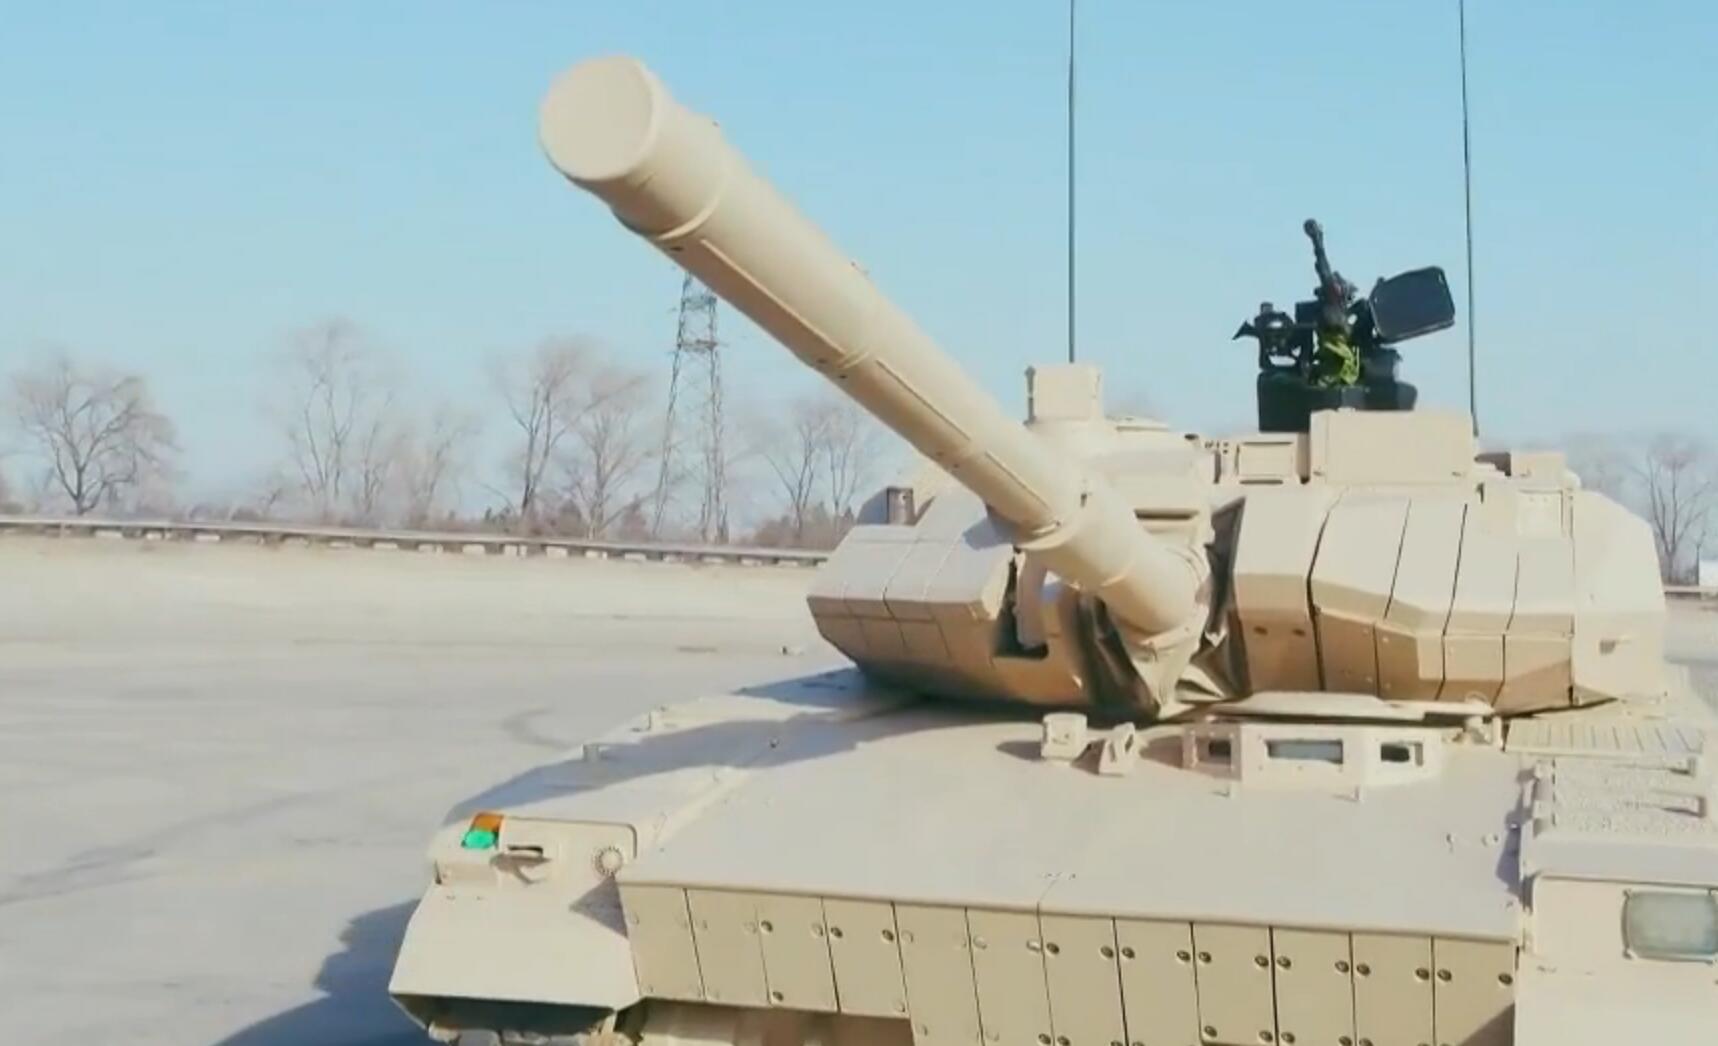 15式轻坦火控有多强悍?炮口立弹壳 起伏路上飙车都不掉